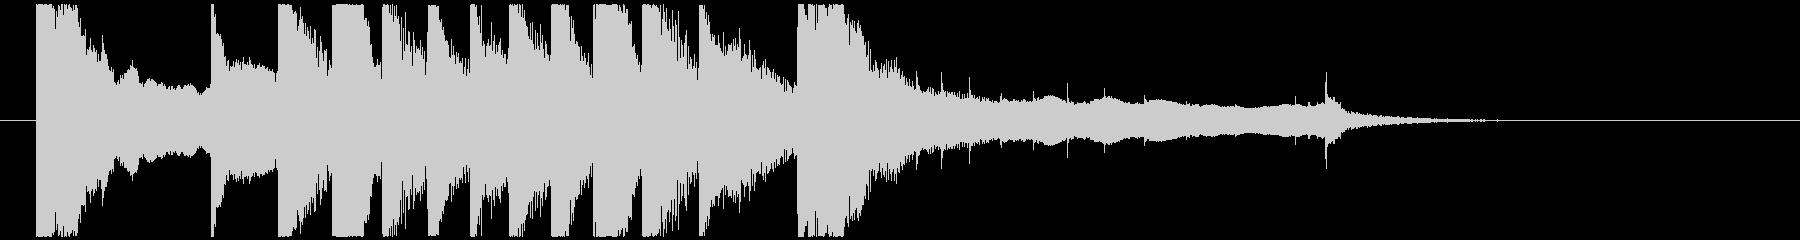 聞き馴染みのある和風・正月系ロゴ(C)の未再生の波形